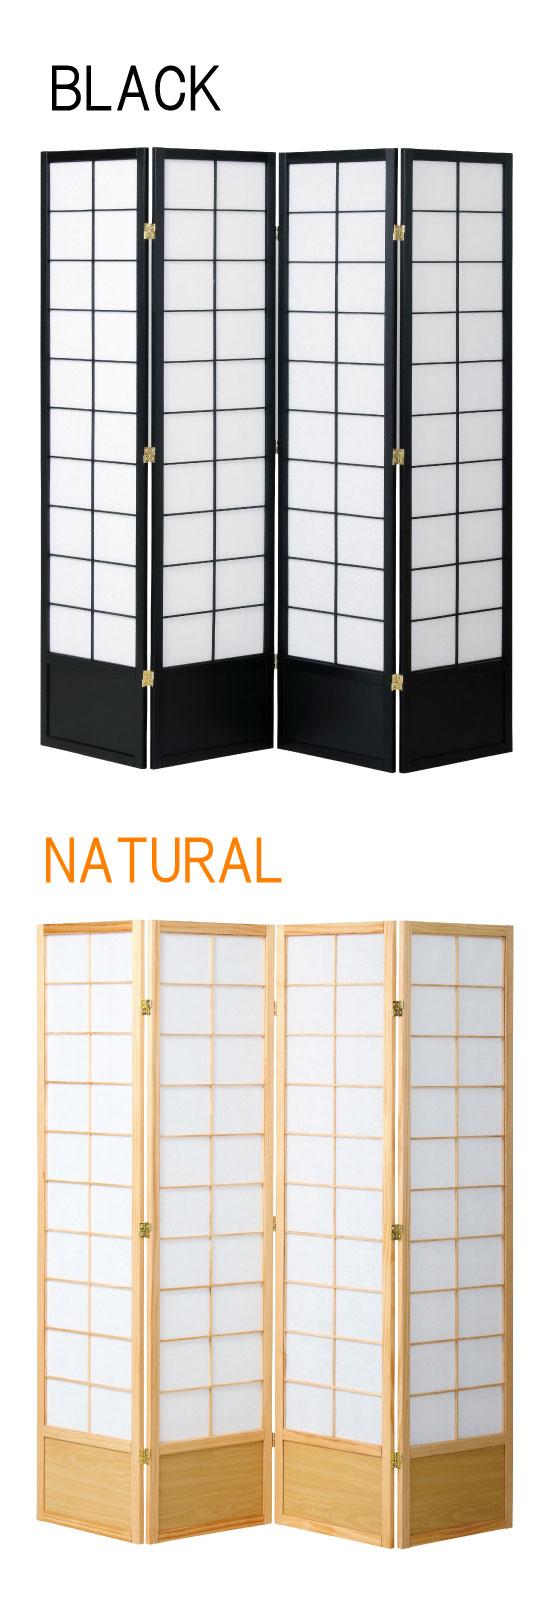 天然木パイン材・和風パーテション4連(高さ180cm)